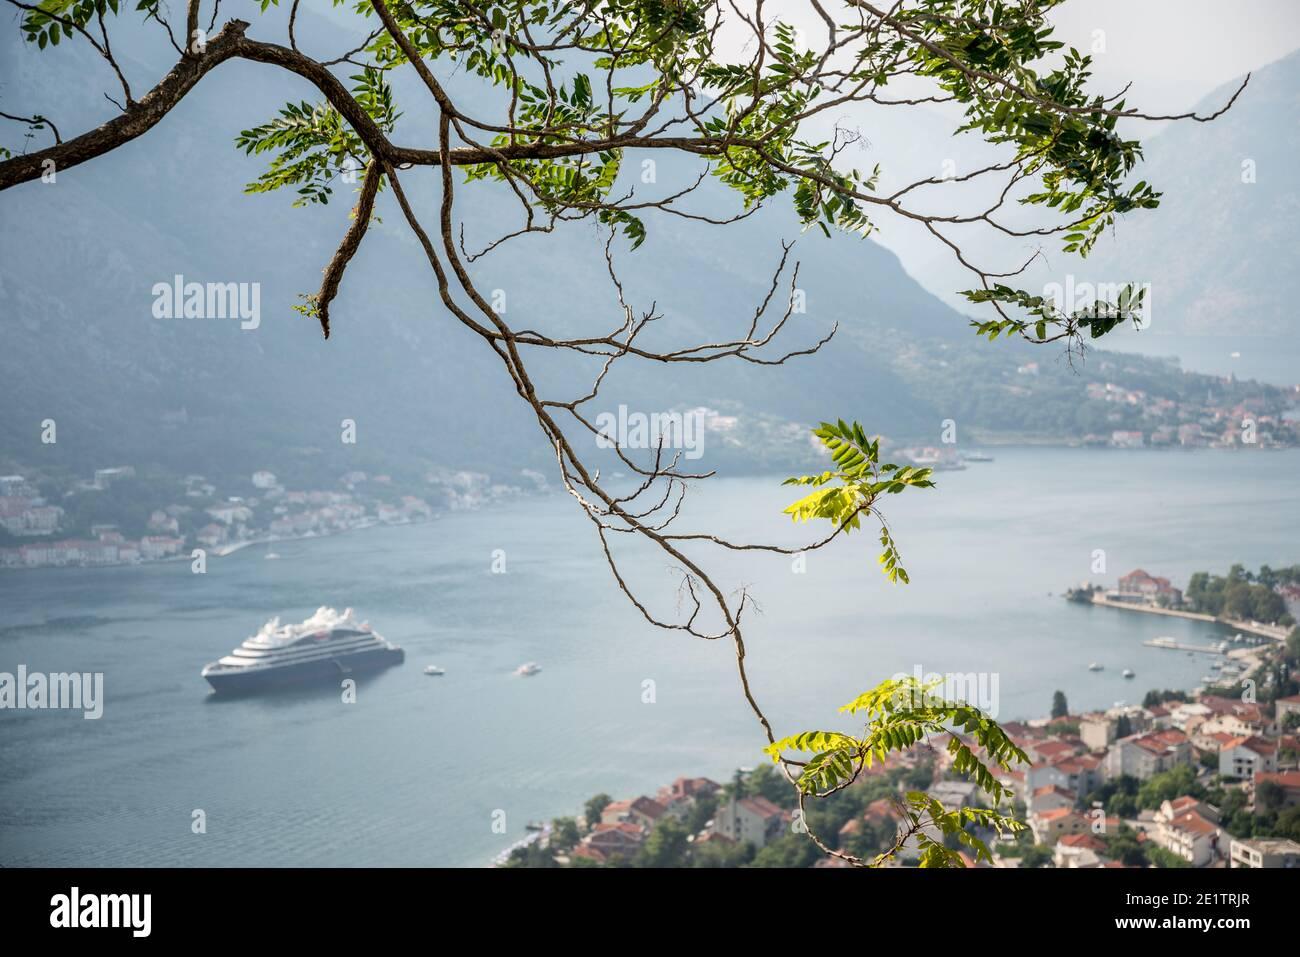 La magnifique baie de Kotor est visible depuis l'ancien sentier sinueux qui mène dans les montagnes derrière la vieille ville forteresse. Banque D'Images